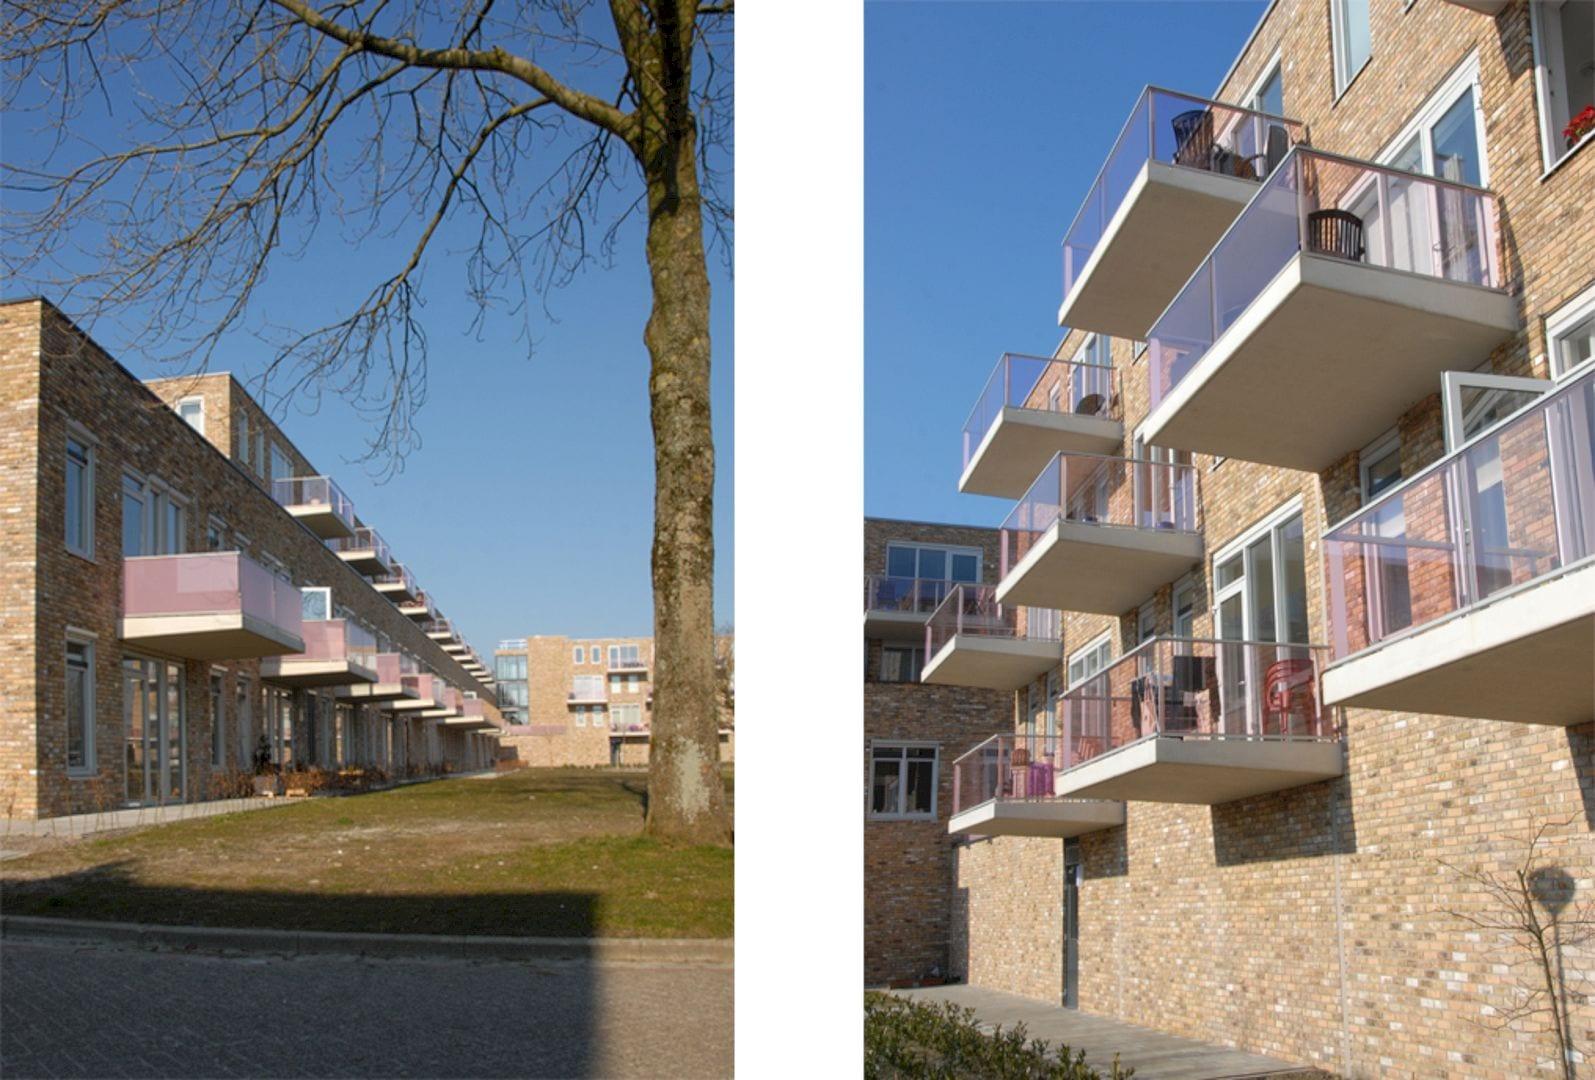 Apartments Tamarixplantsoen Heerhugowaard By Jeanne Dekkers Architectuur 4